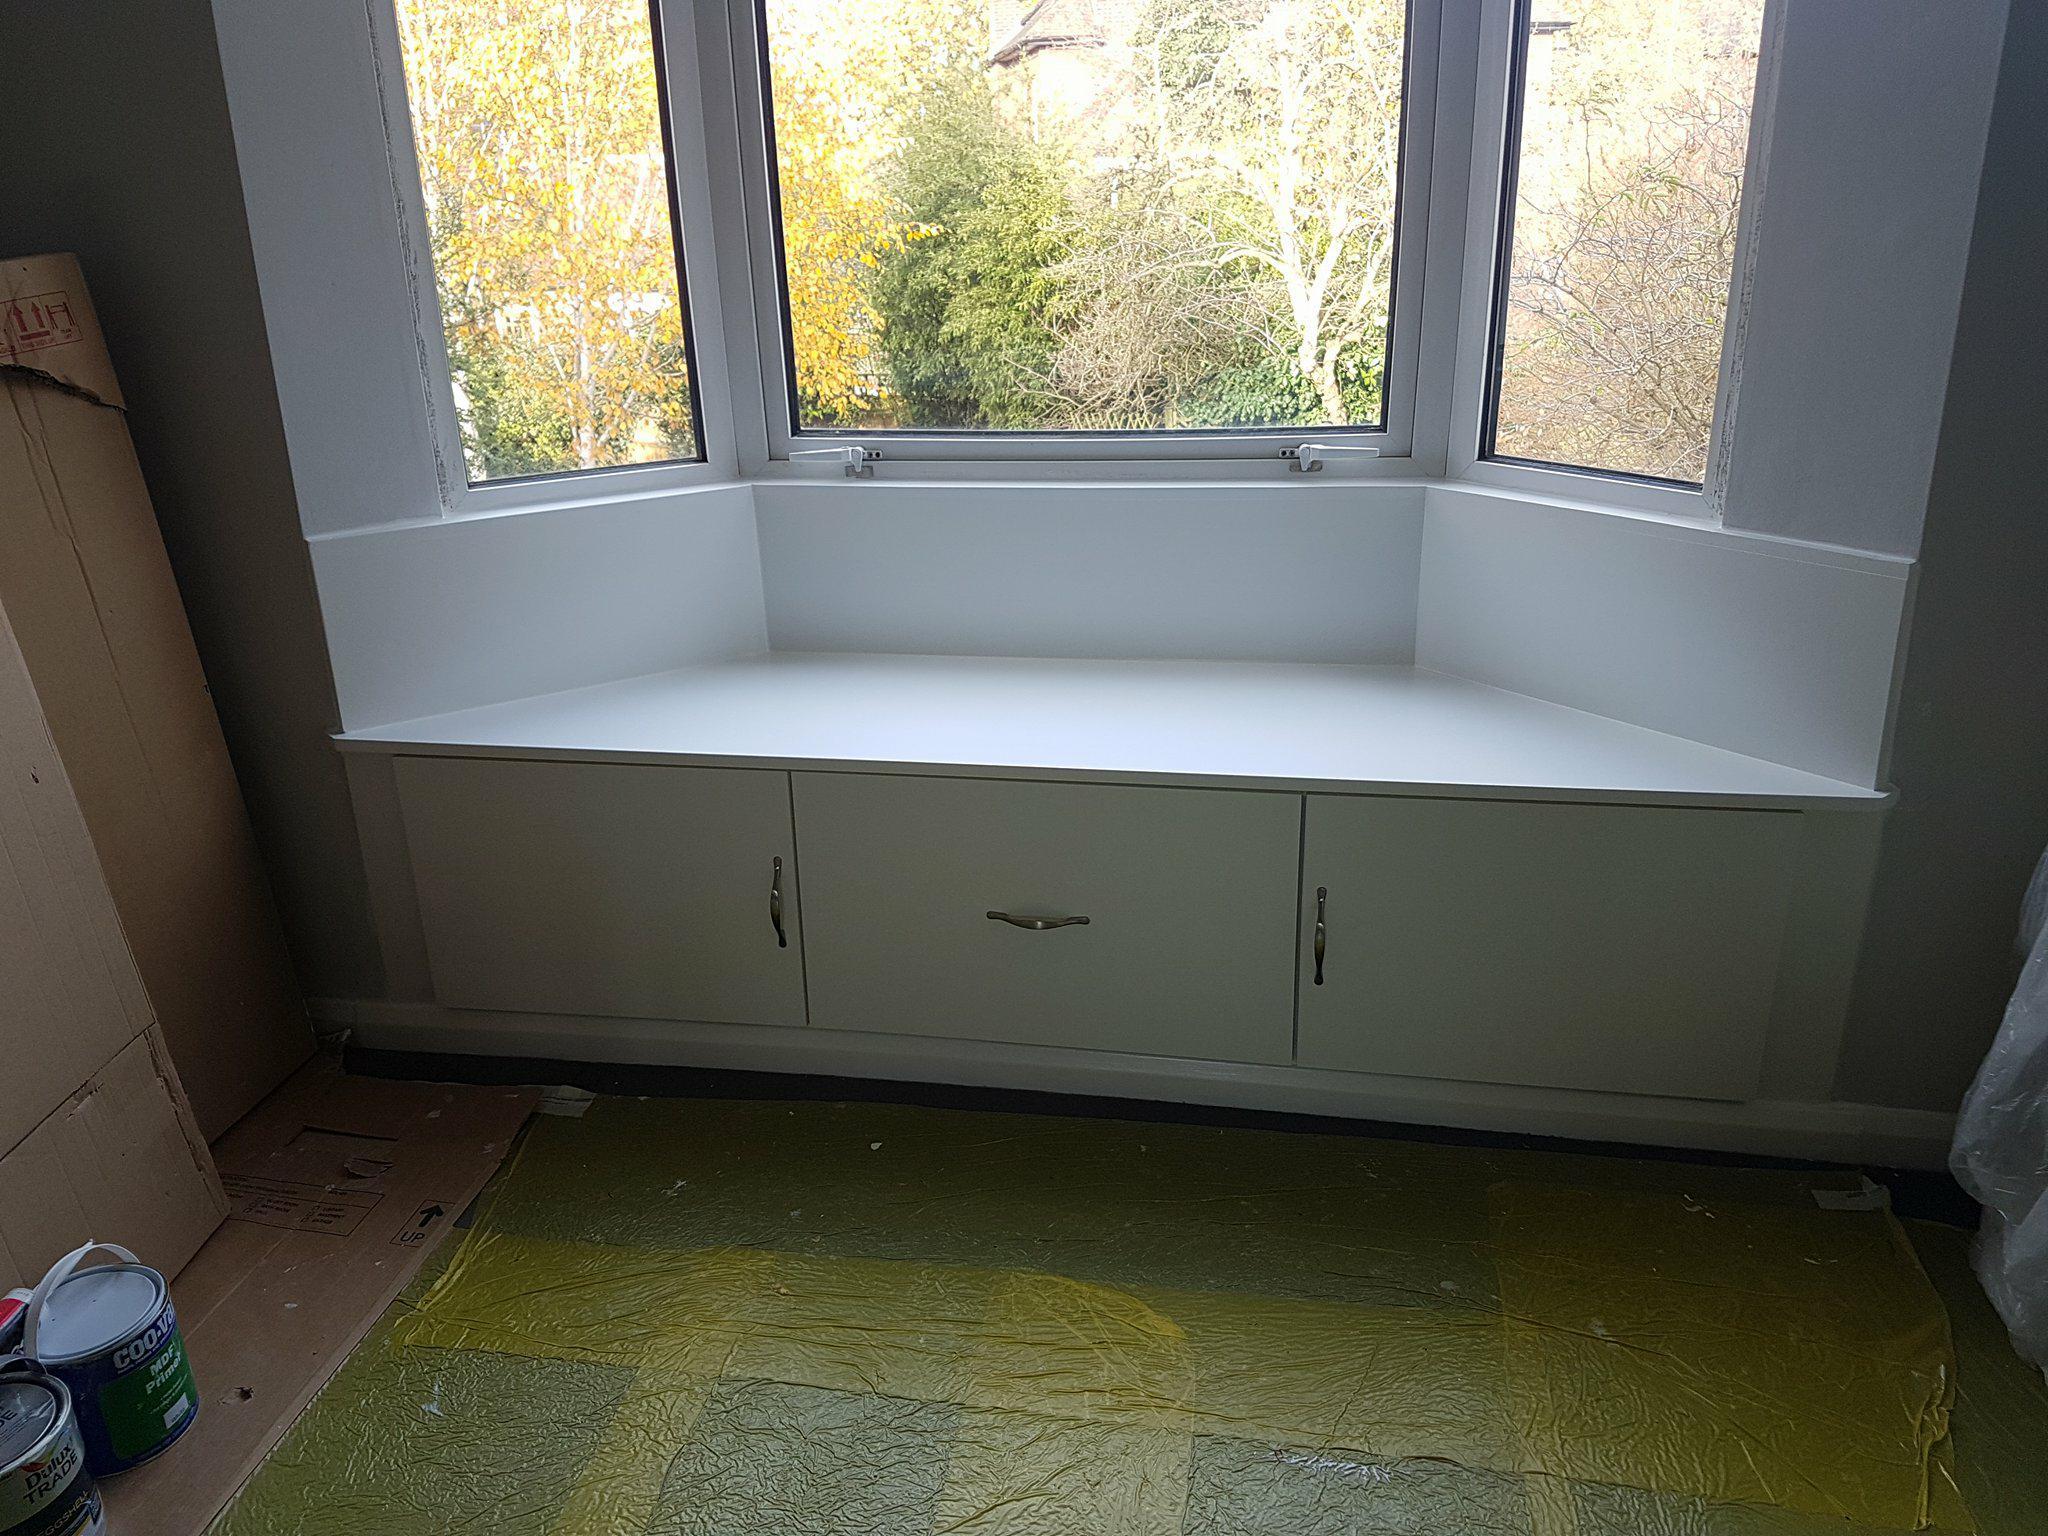 Wardrobe-Storage-bench-Willesden-Green-7